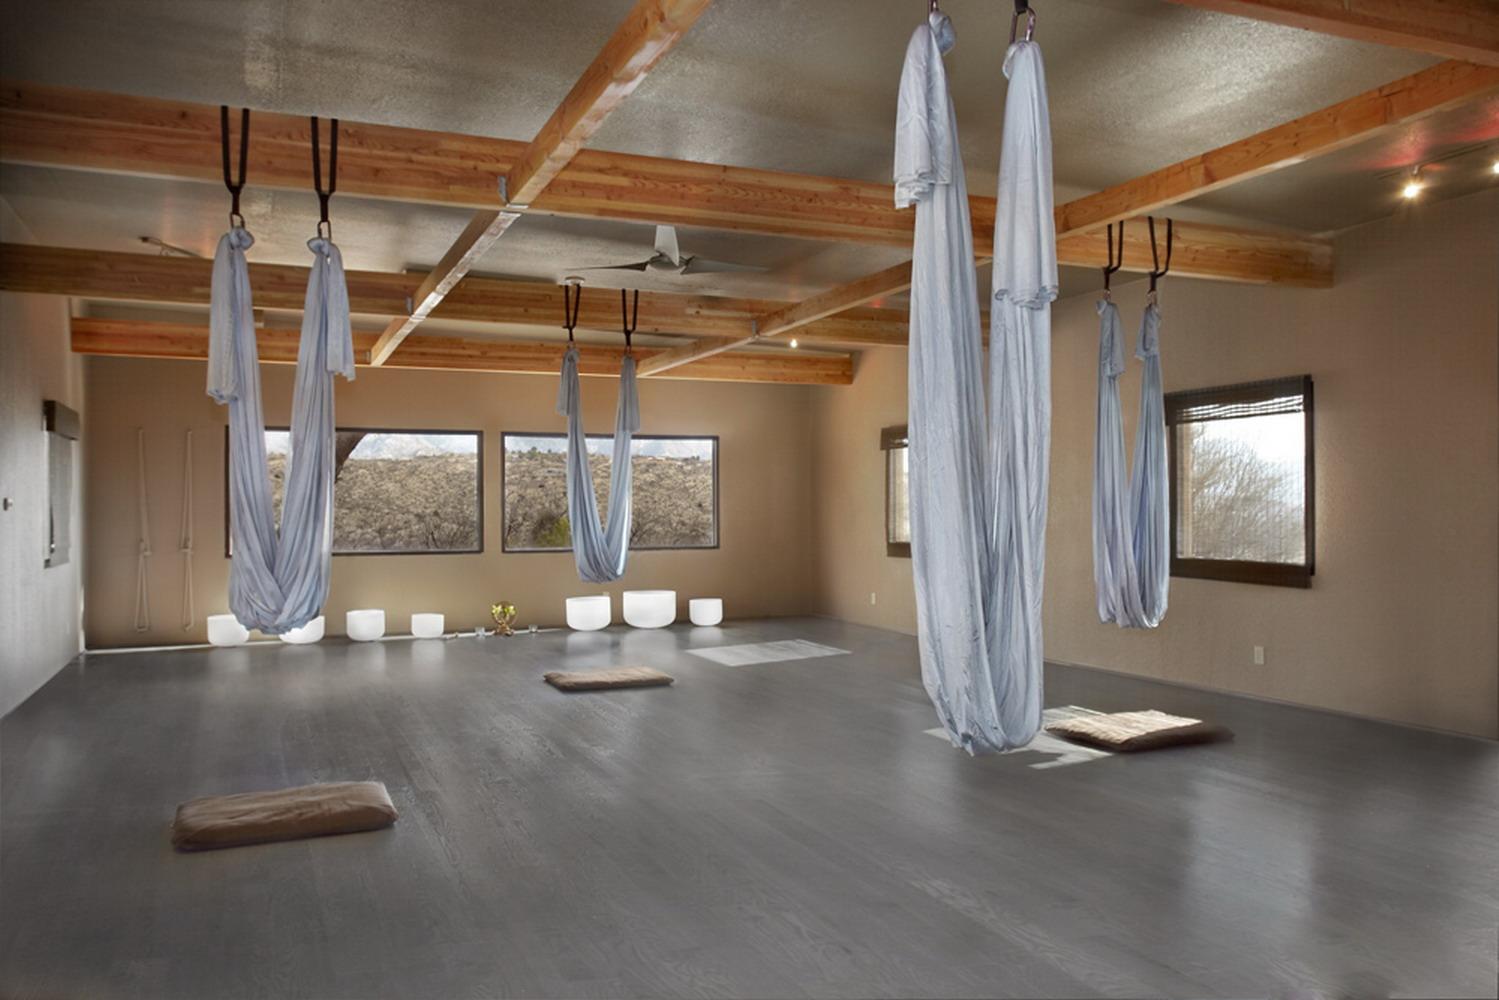 個性化定制瑜伽館室內裝修效果圖